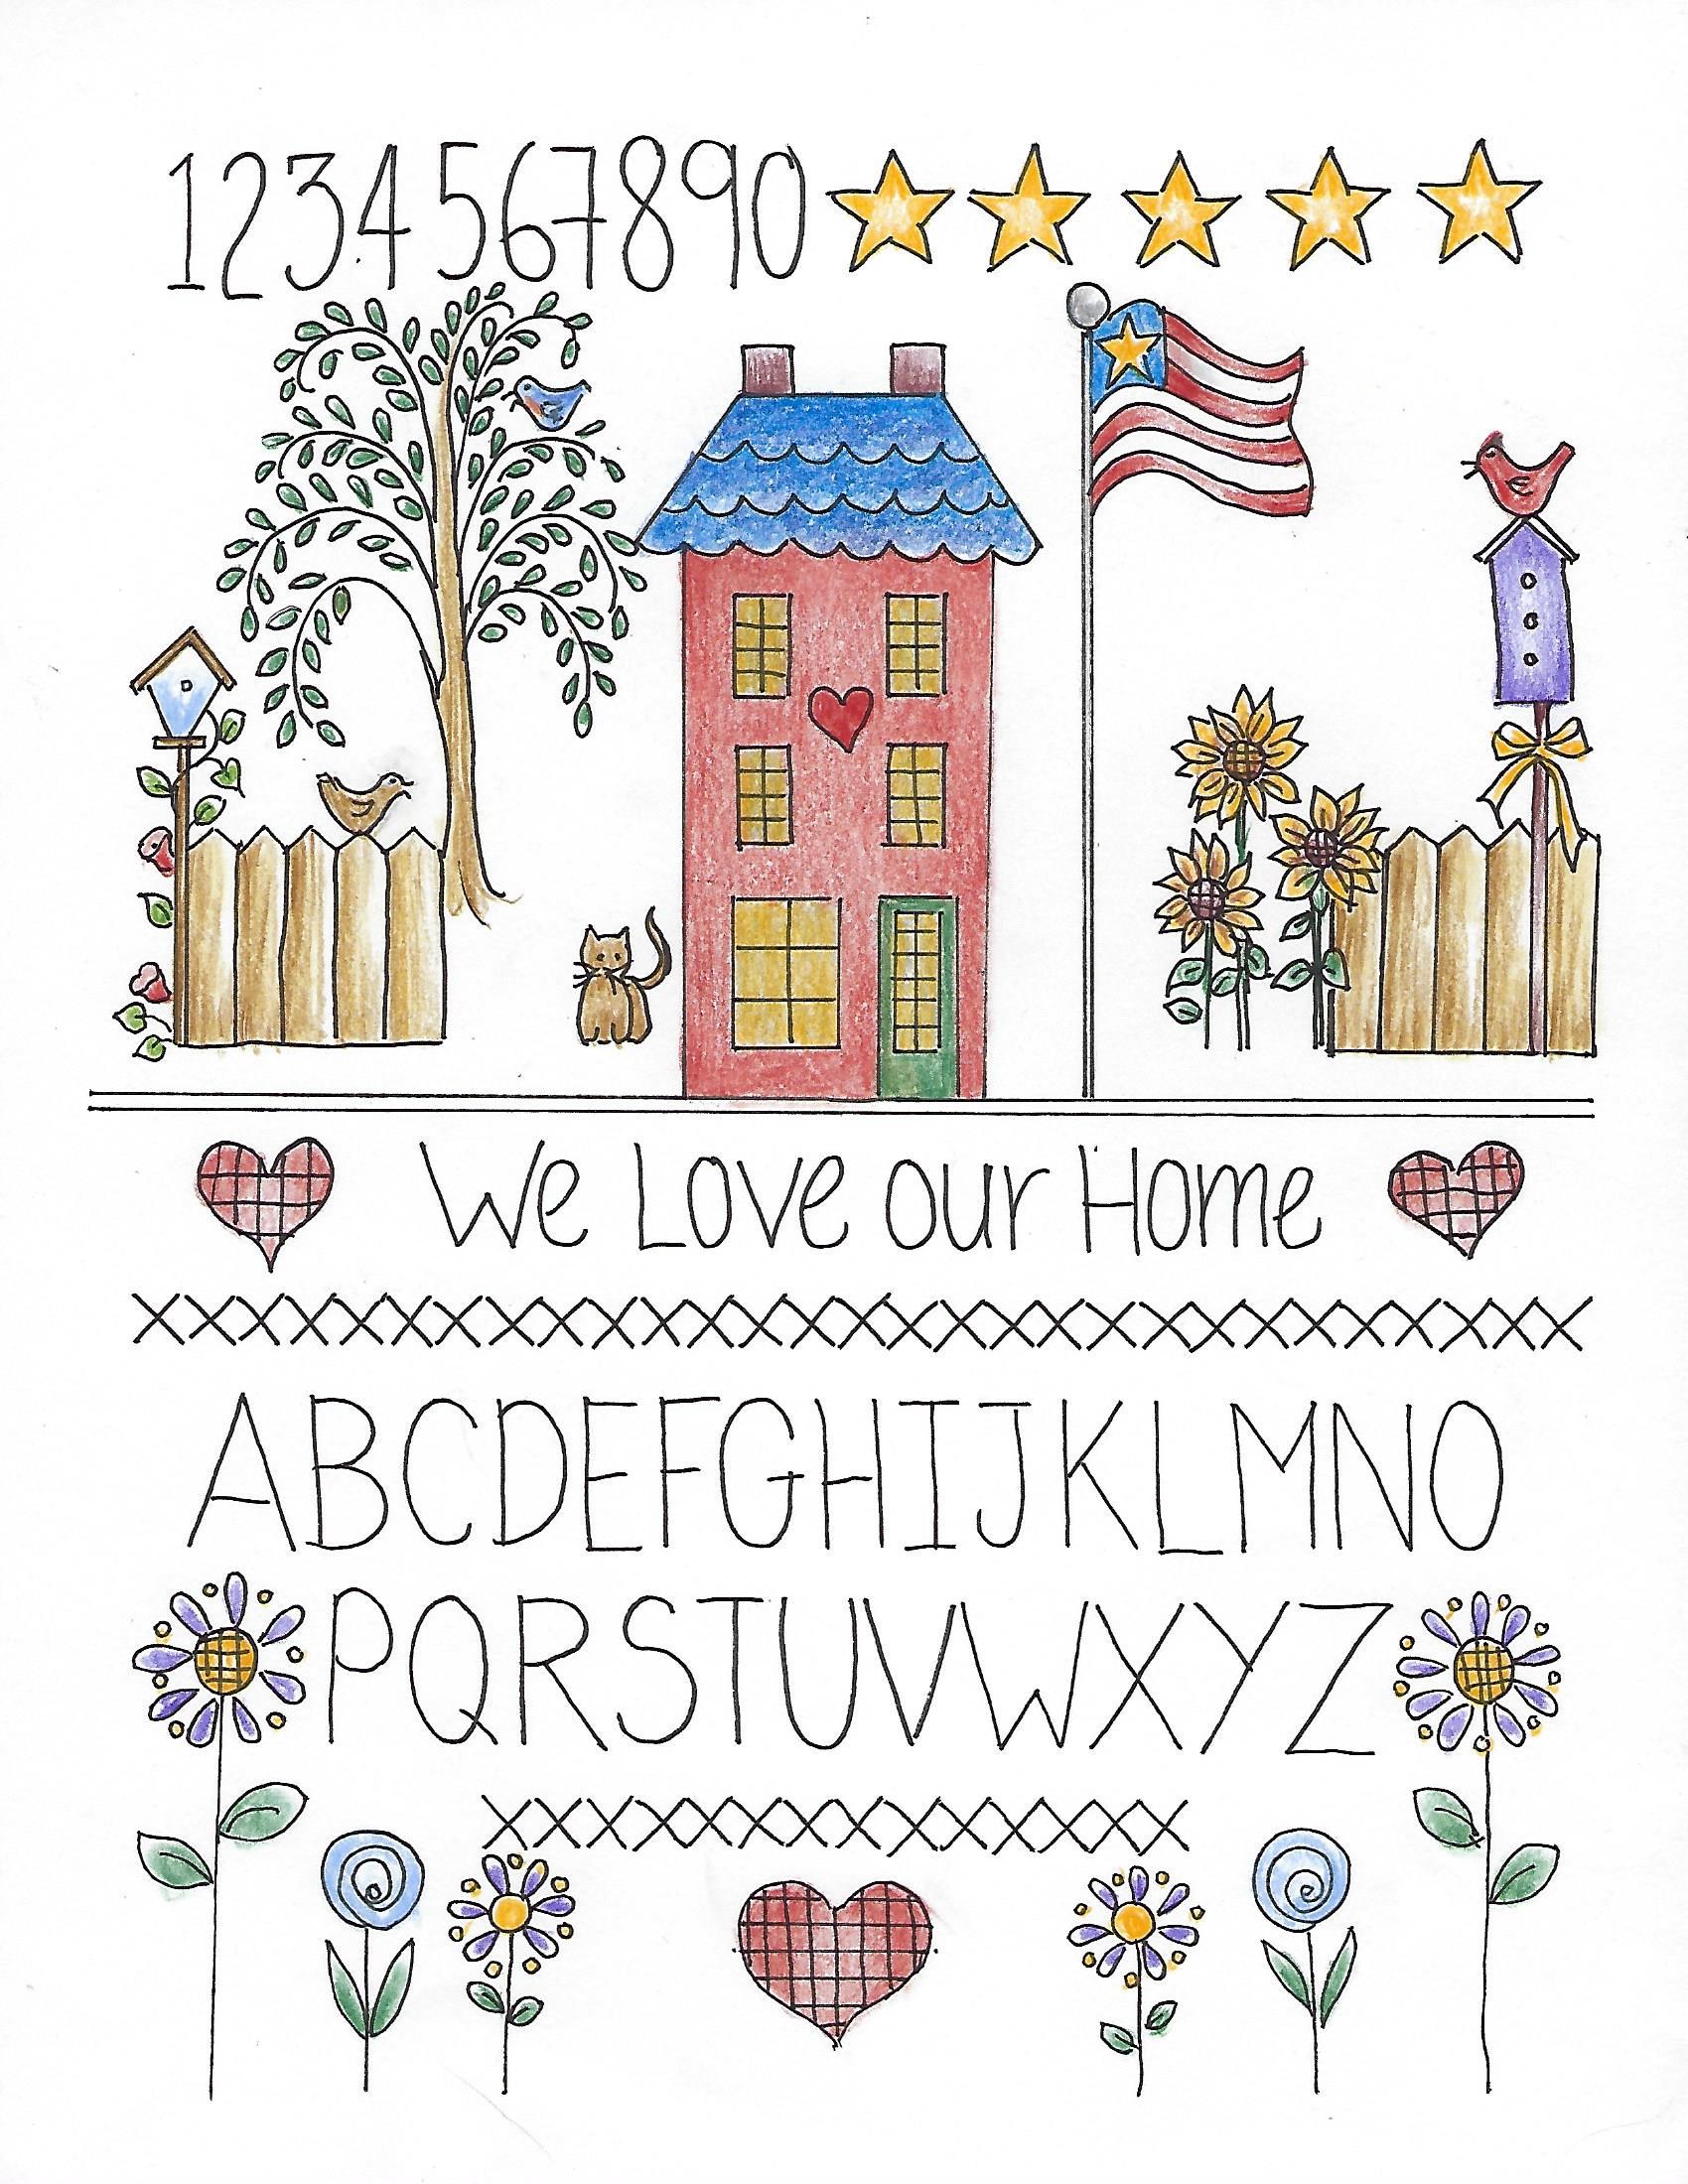 CDH801 We Love Our Home